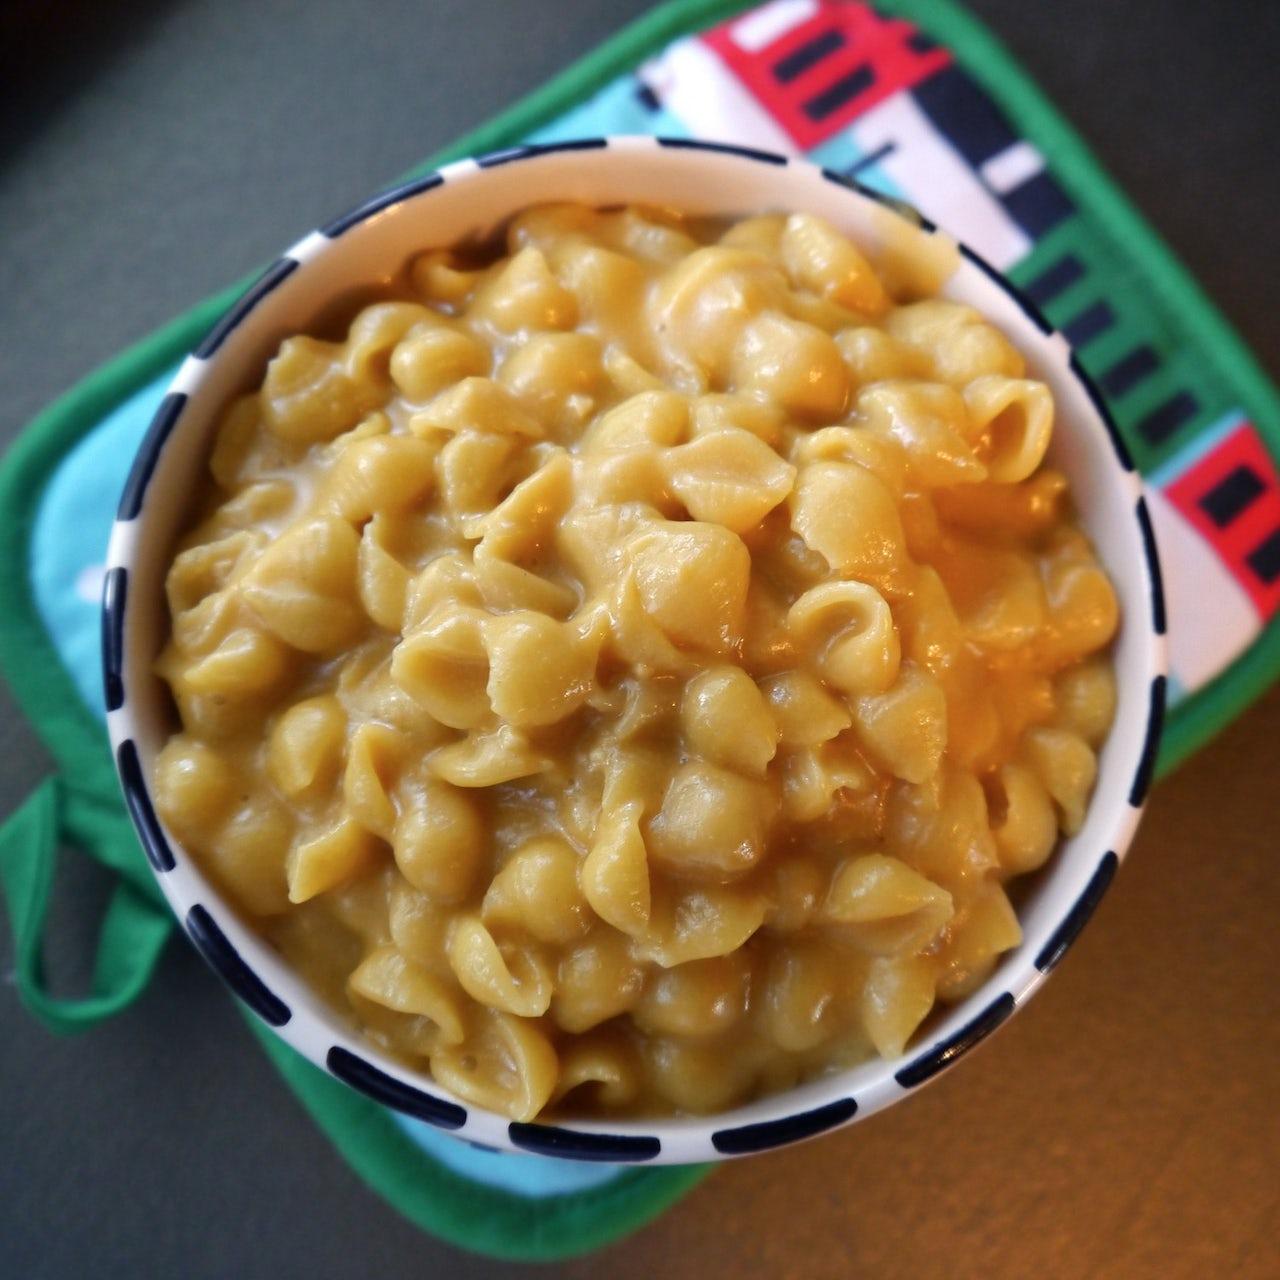 A vegan mac and cheese that uses Daiya.